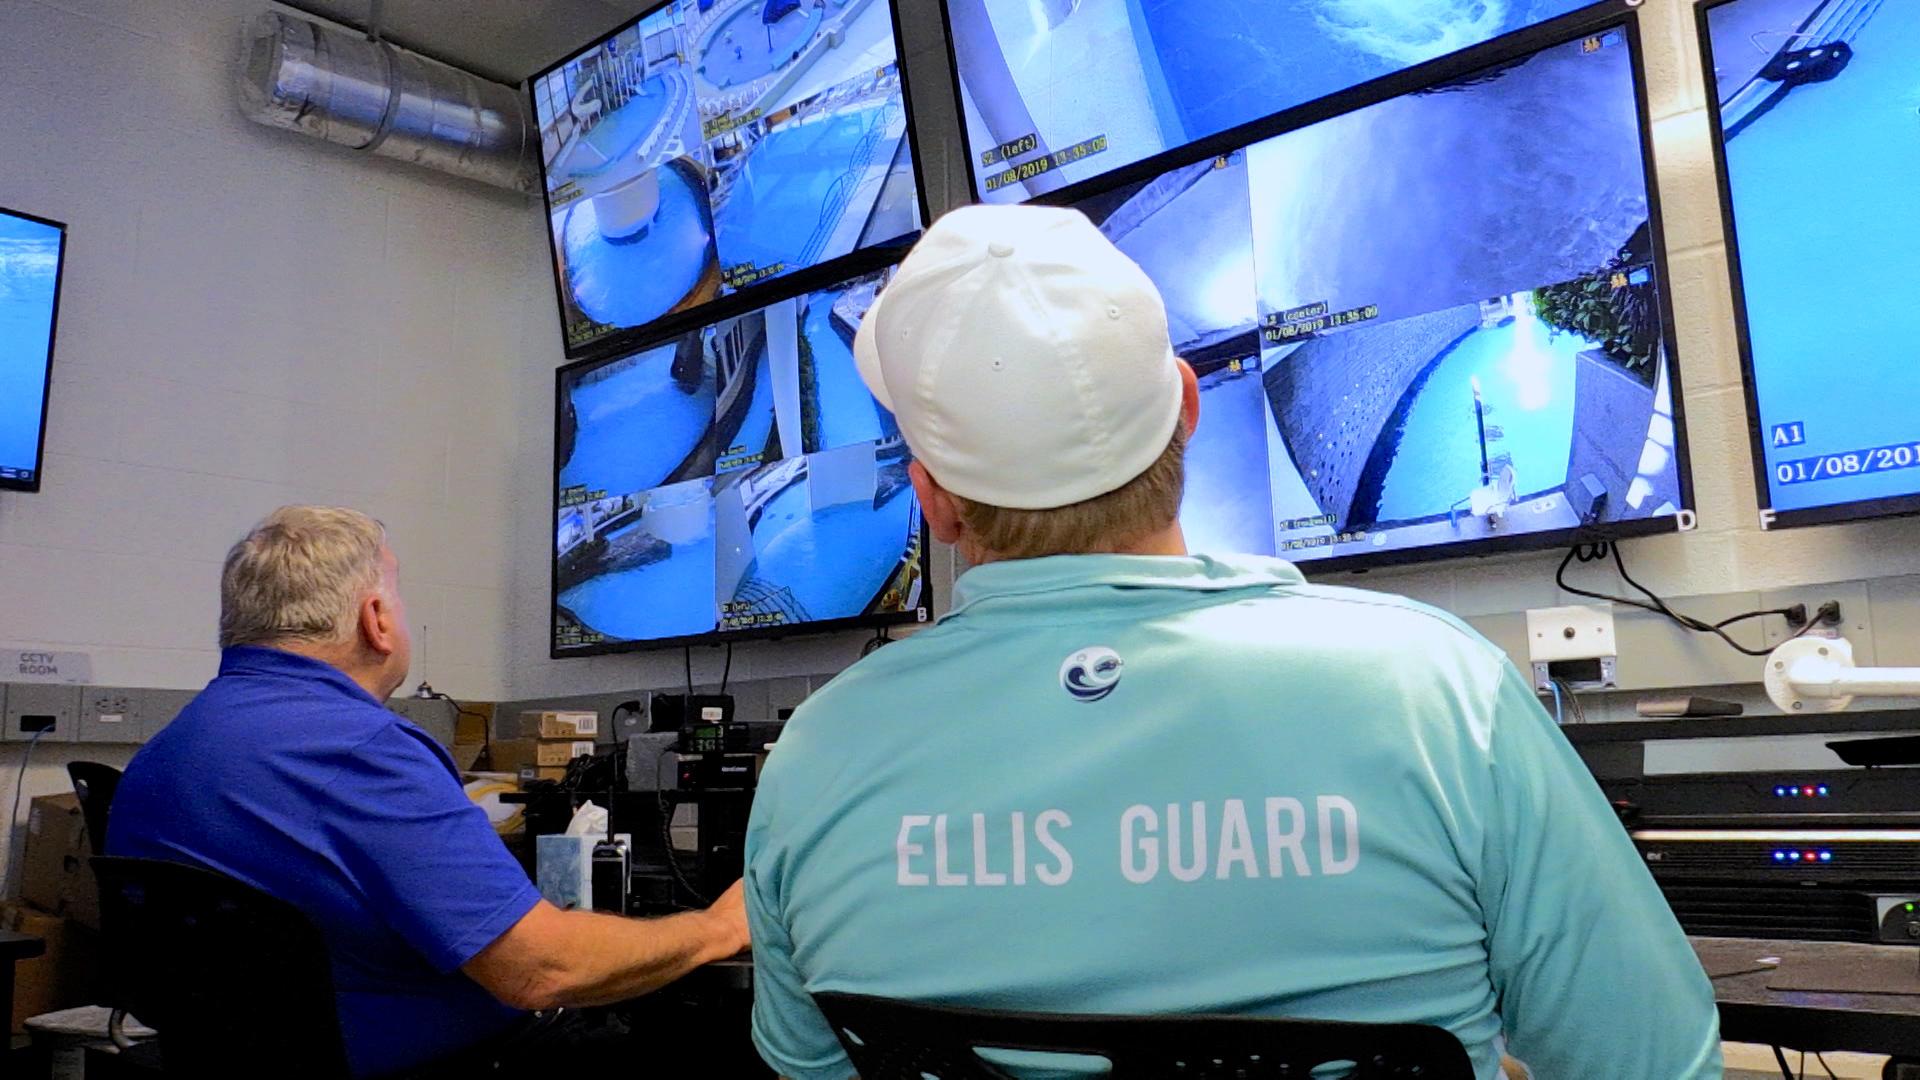 monitoring Ellis Aquatic Vigilance System